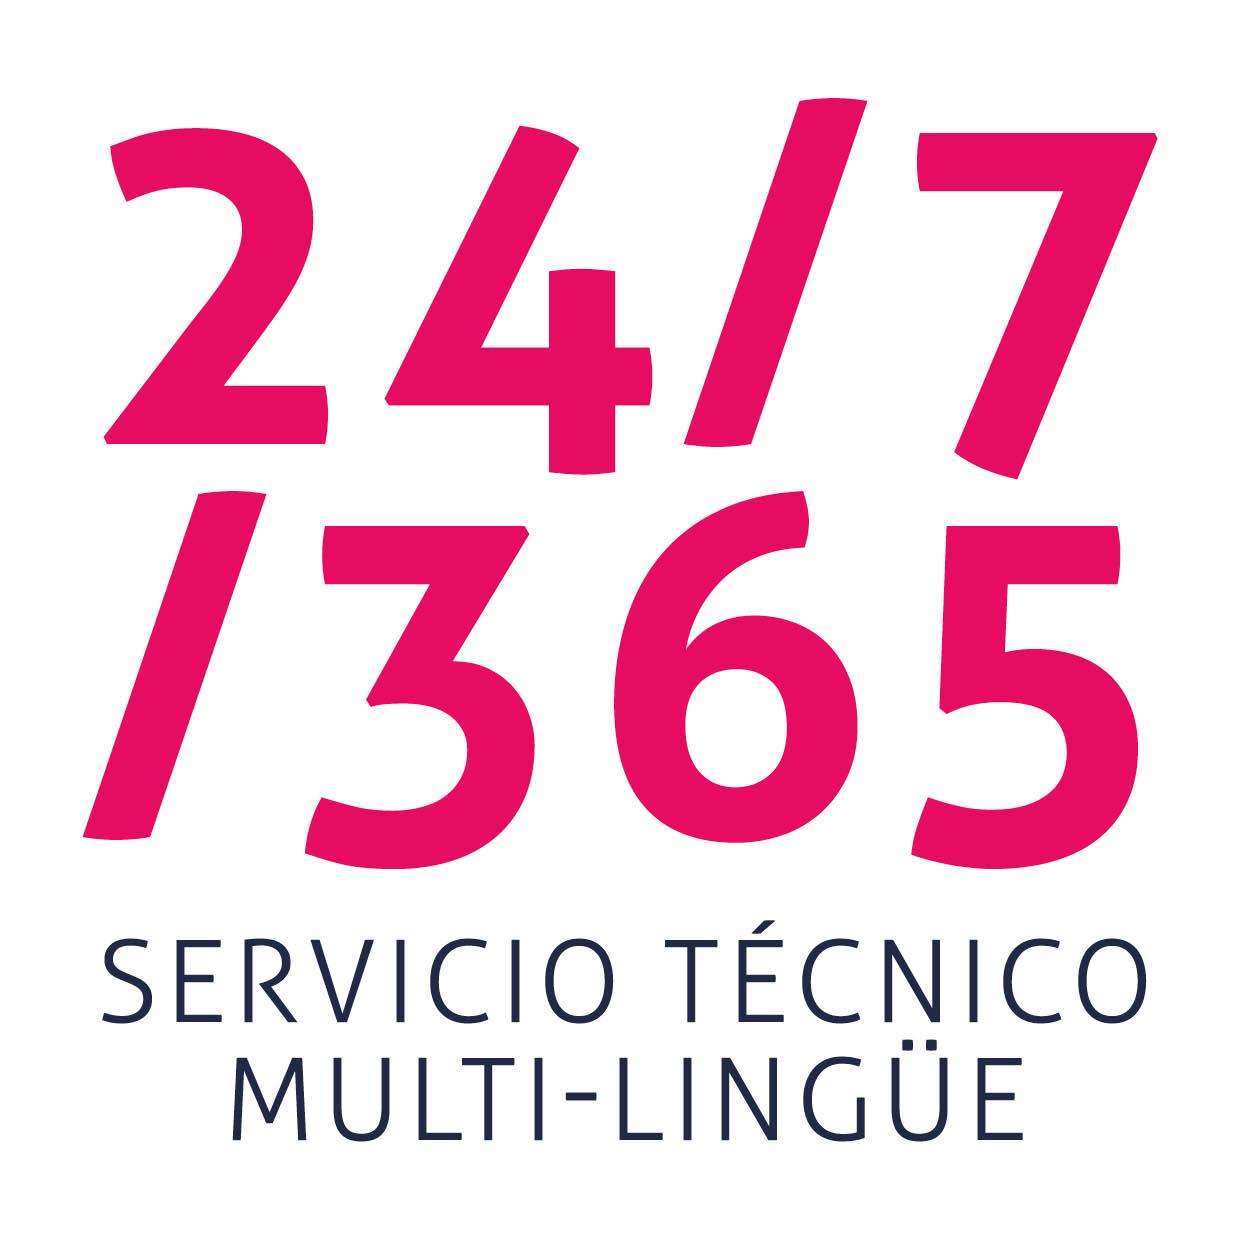 Servicio técnico multi-lingüe 24/7/365